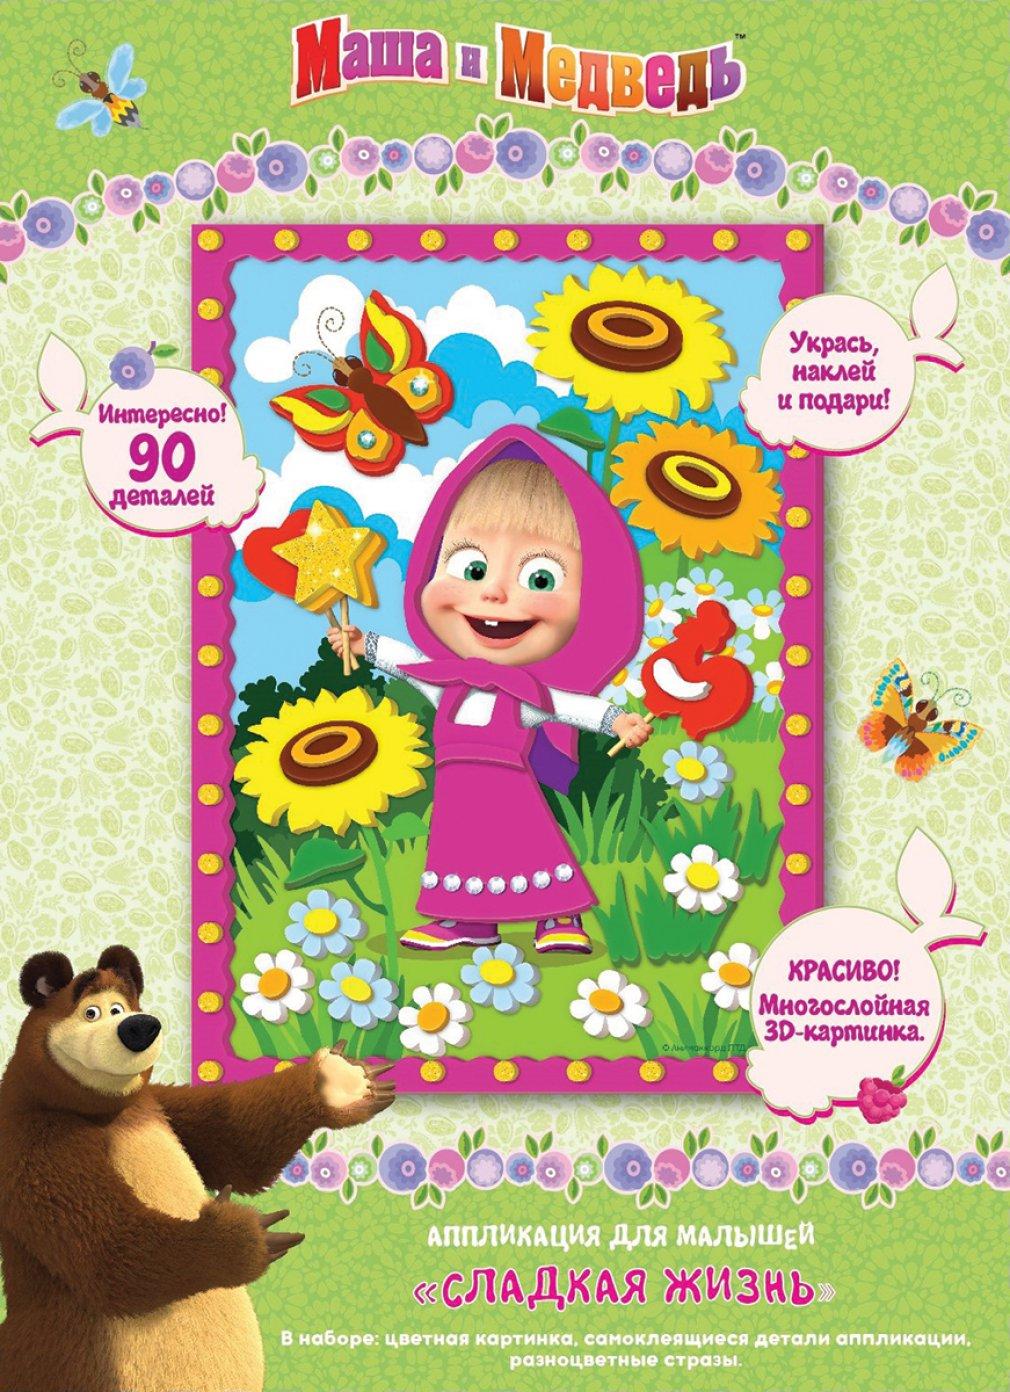 Аппликация Маша и Медведь  - Сладкая жизньМаша и медведь игрушки<br>Аппликация Маша и Медведь  - Сладкая жизнь<br>